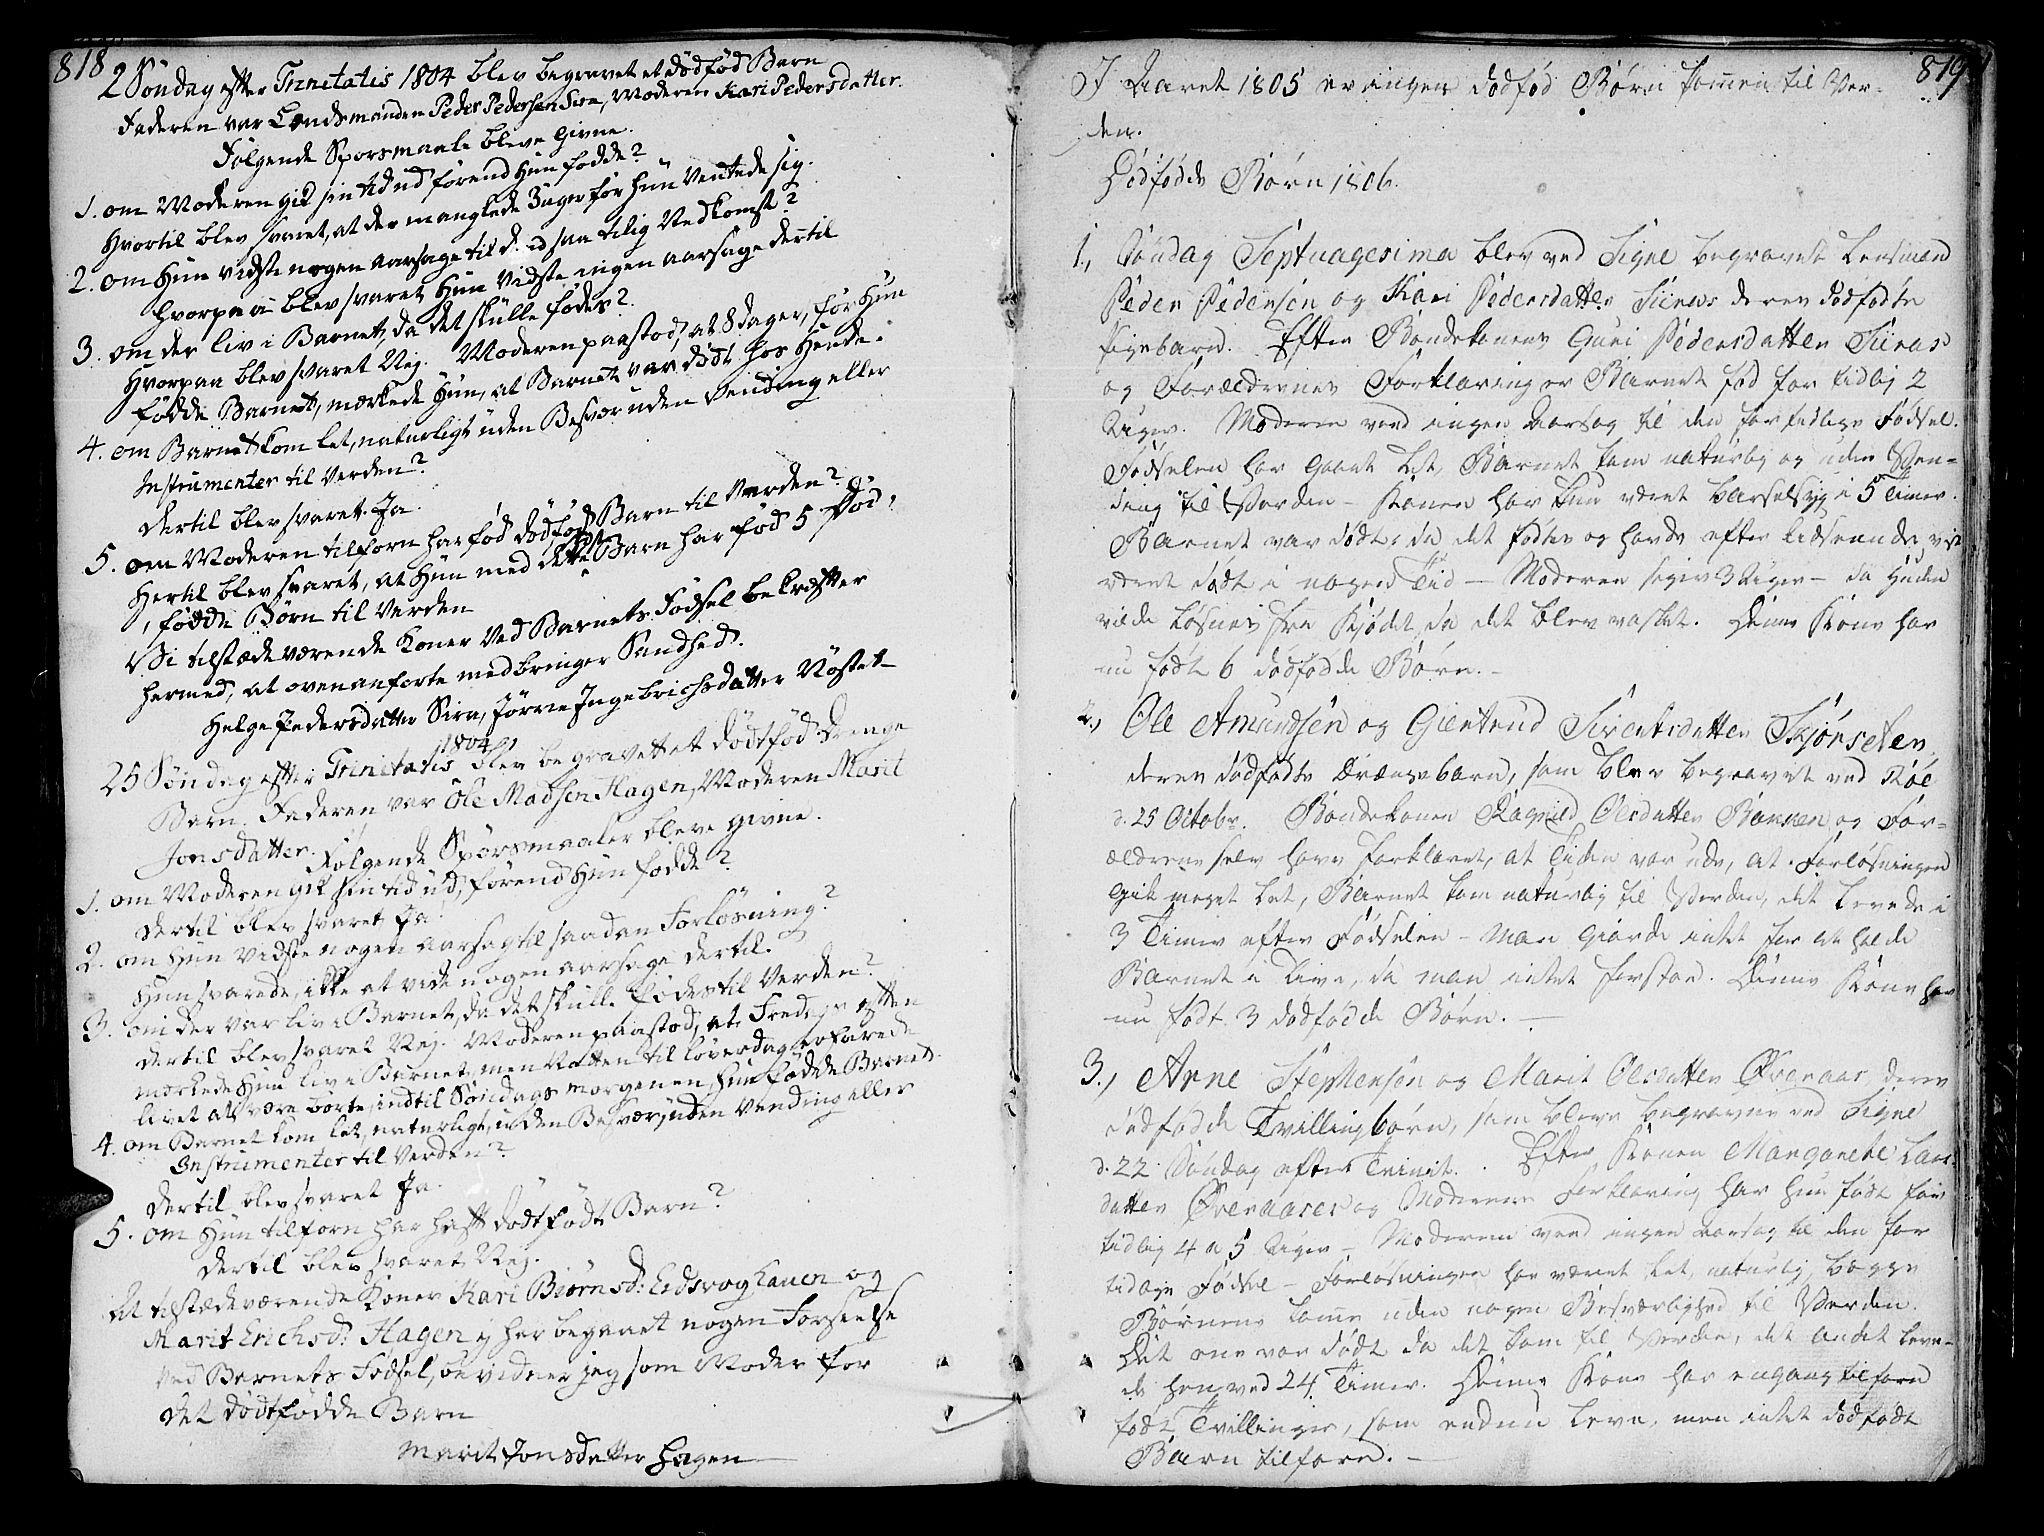 SAT, Ministerialprotokoller, klokkerbøker og fødselsregistre - Møre og Romsdal, 551/L0622: Ministerialbok nr. 551A02, 1804-1845, s. 818-819